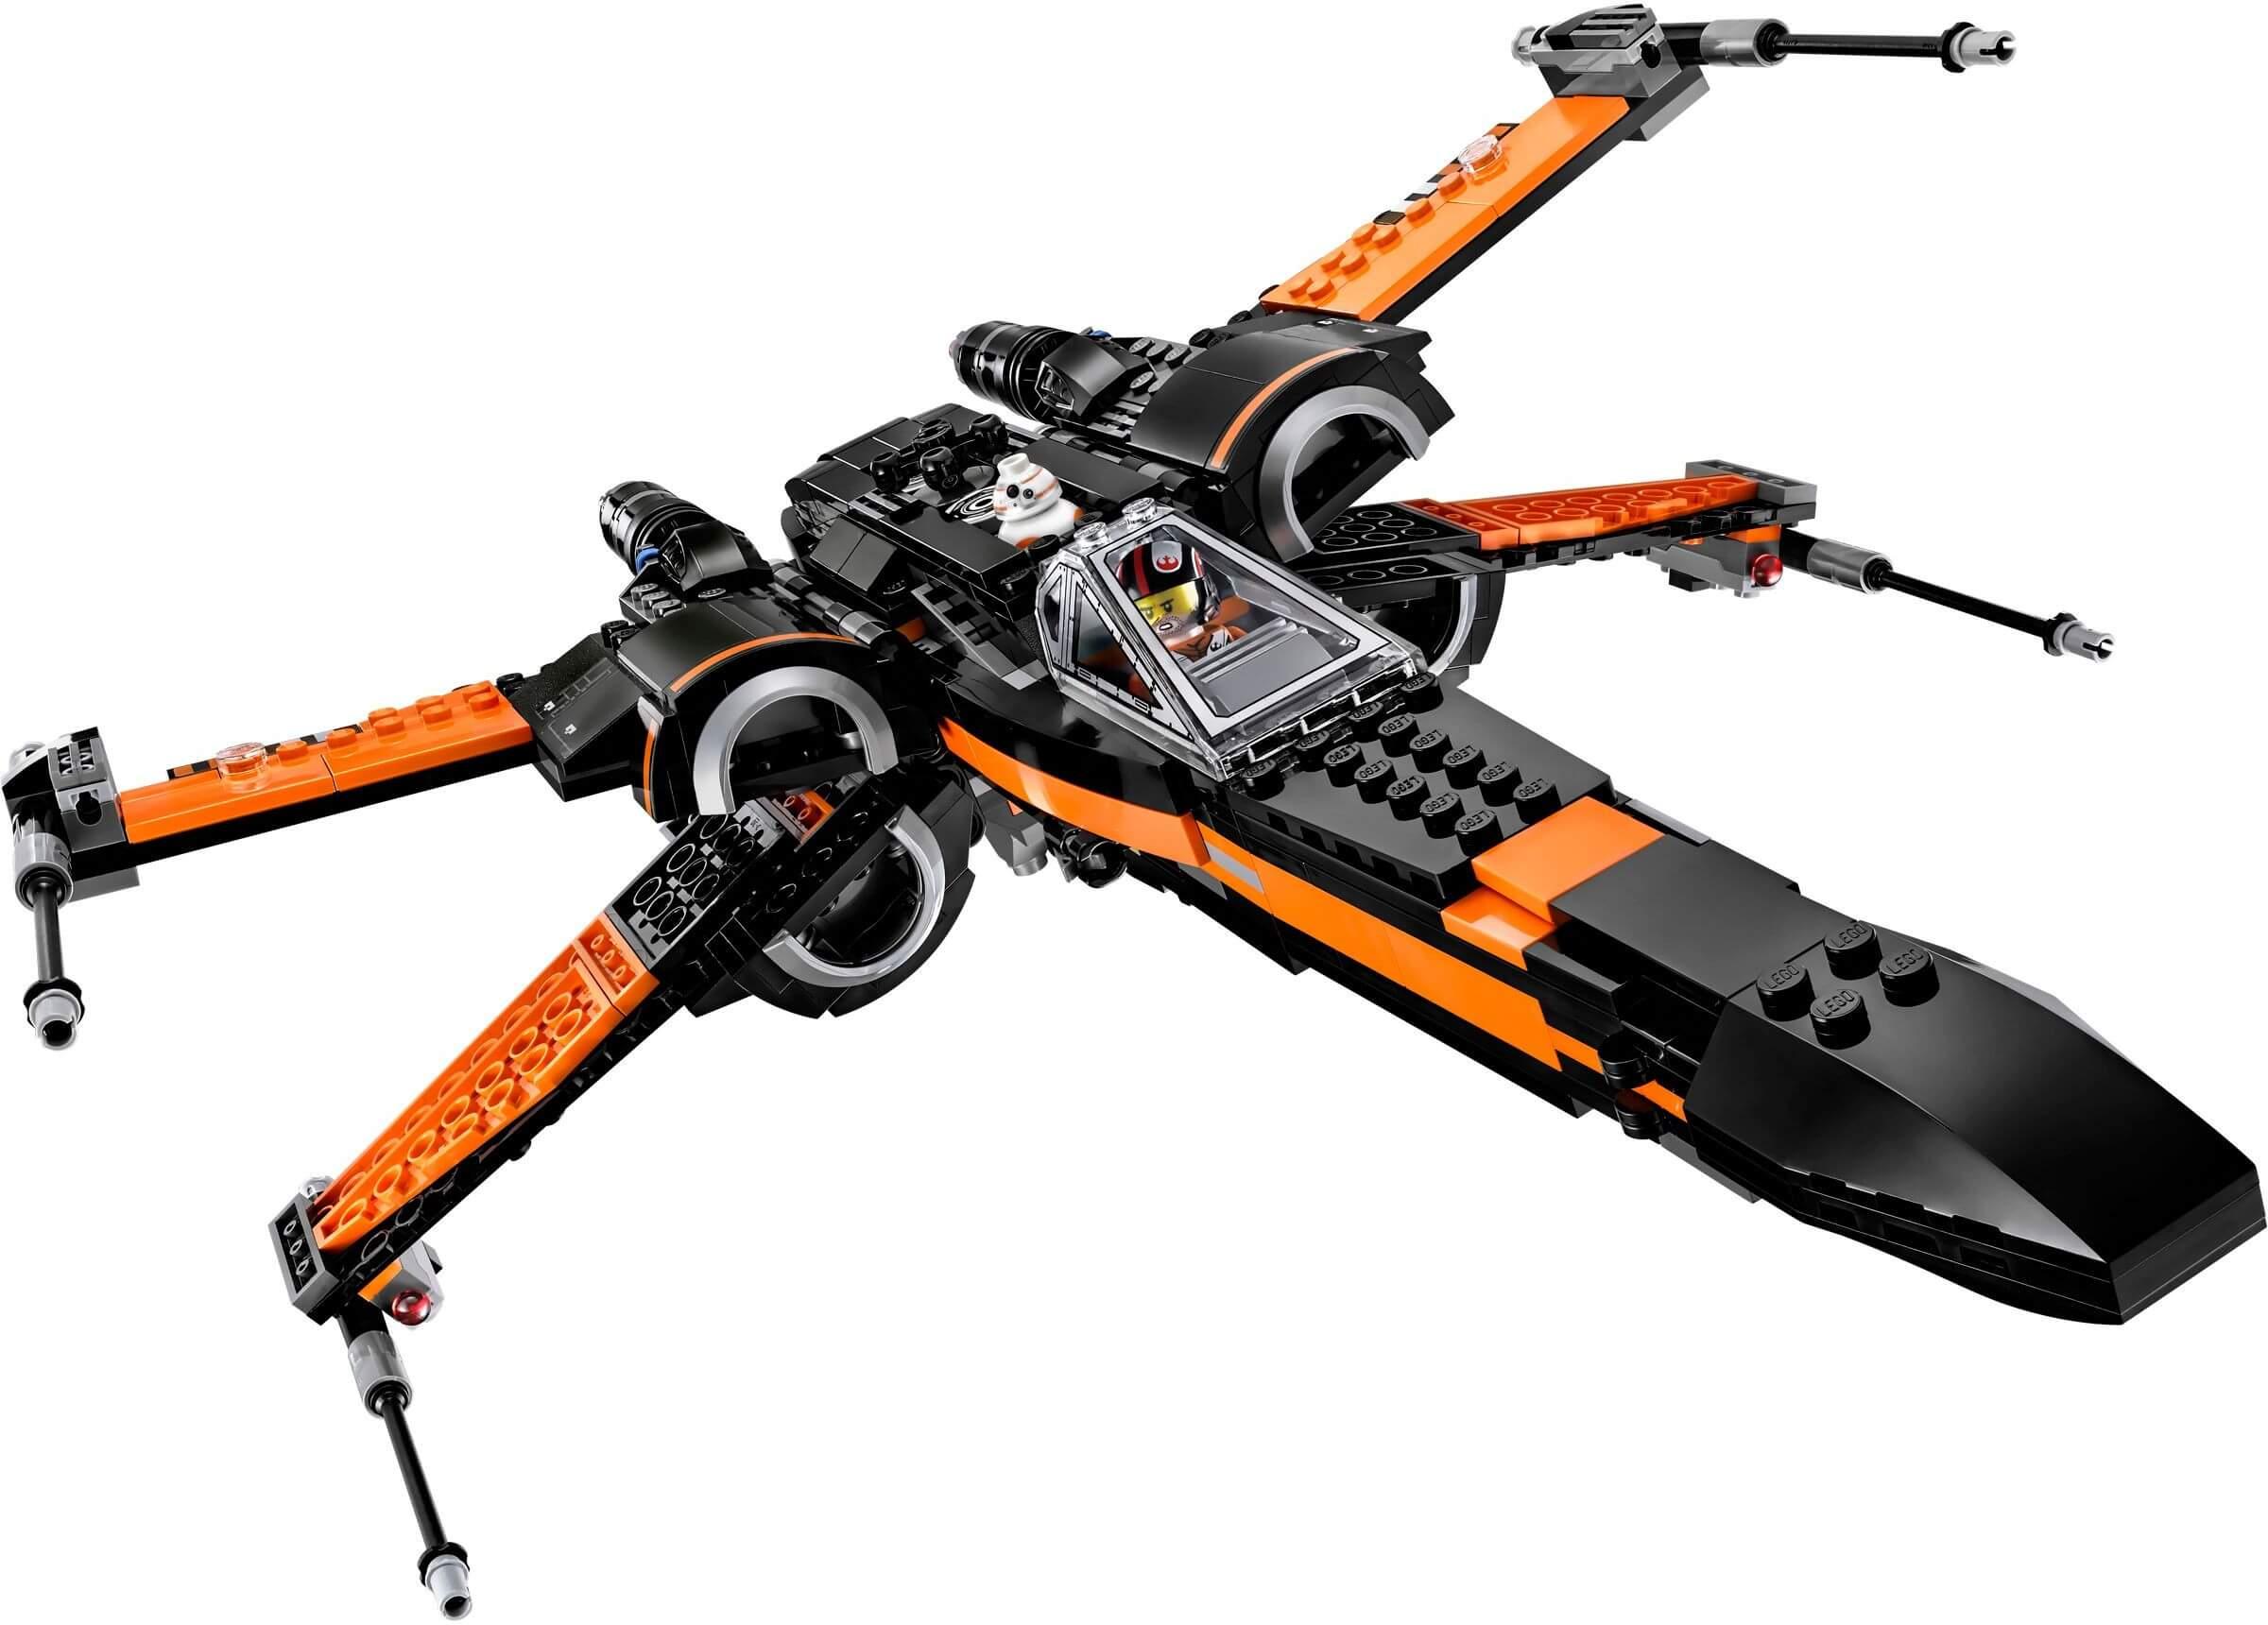 Mua đồ chơi LEGO 75102 - LEGO Star Wars 75102 - Máy bay X-wing T-70 của Poe (LEGO Star Wars Poe's X-wing Fighter 75102)